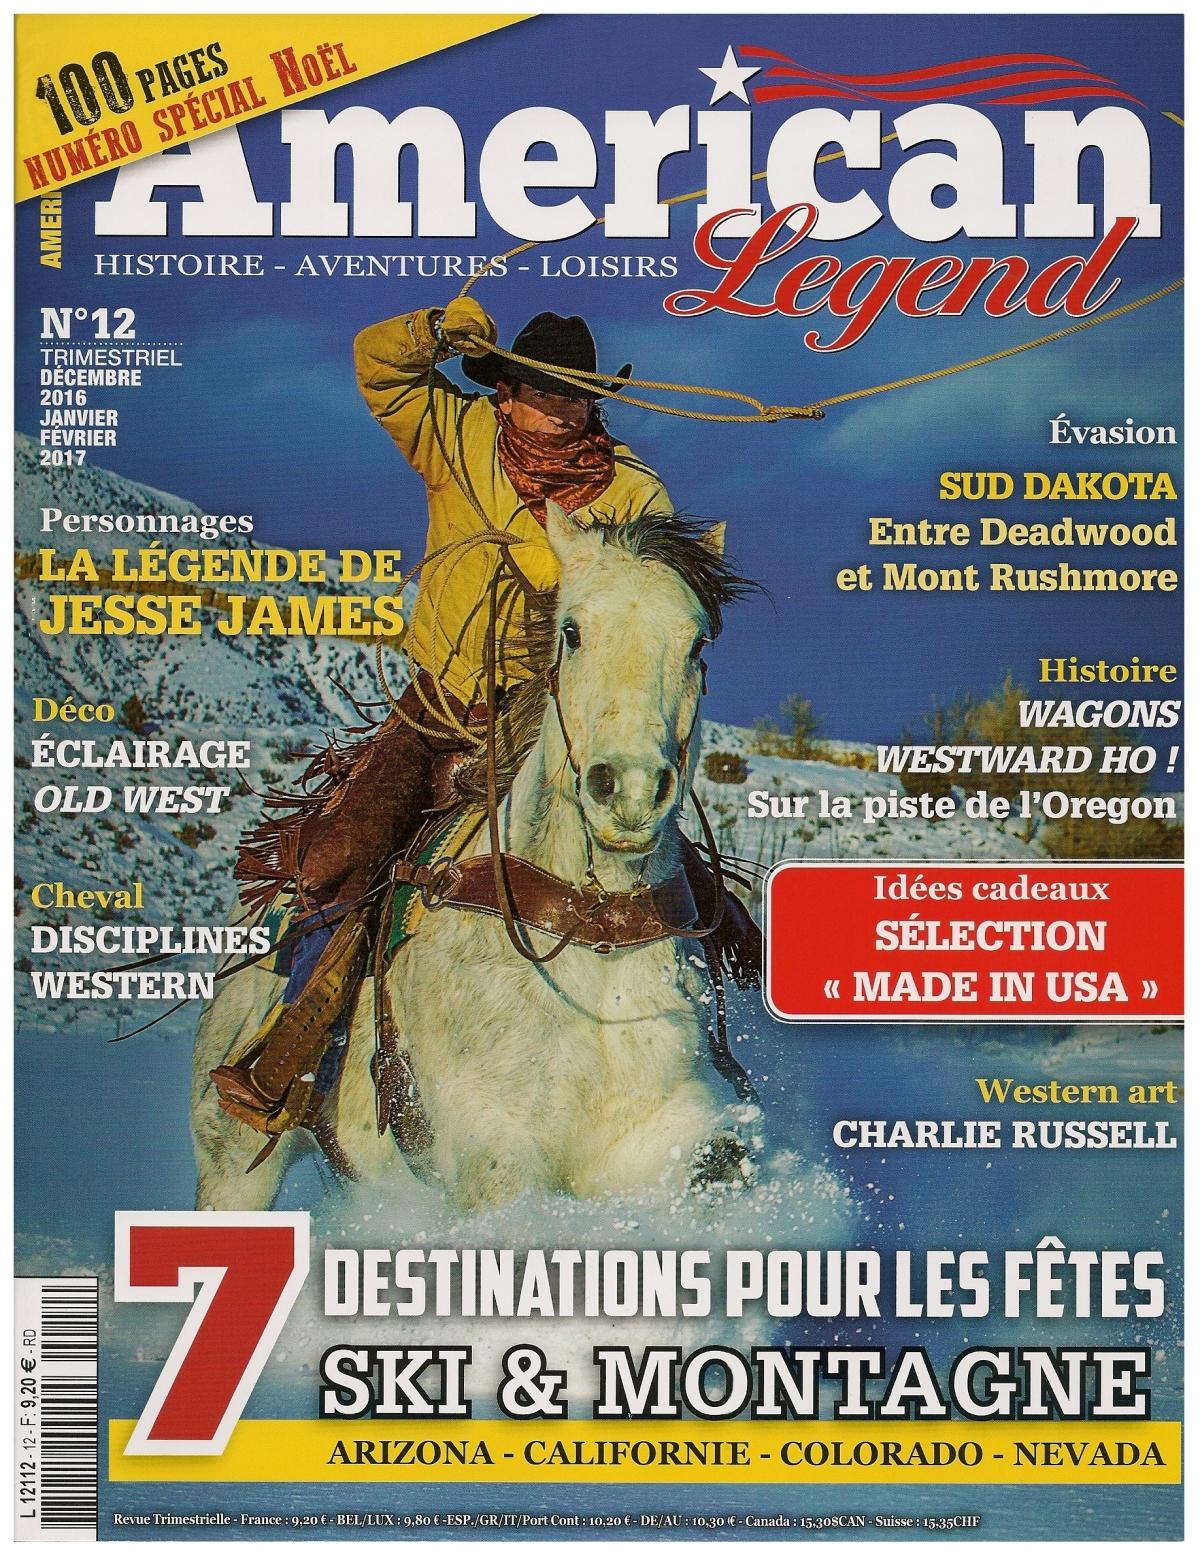 American Legend est un magazine trimestriel qui s'adresse à tous ceux sur qui l'Ouest américain exerce un attrait magique...